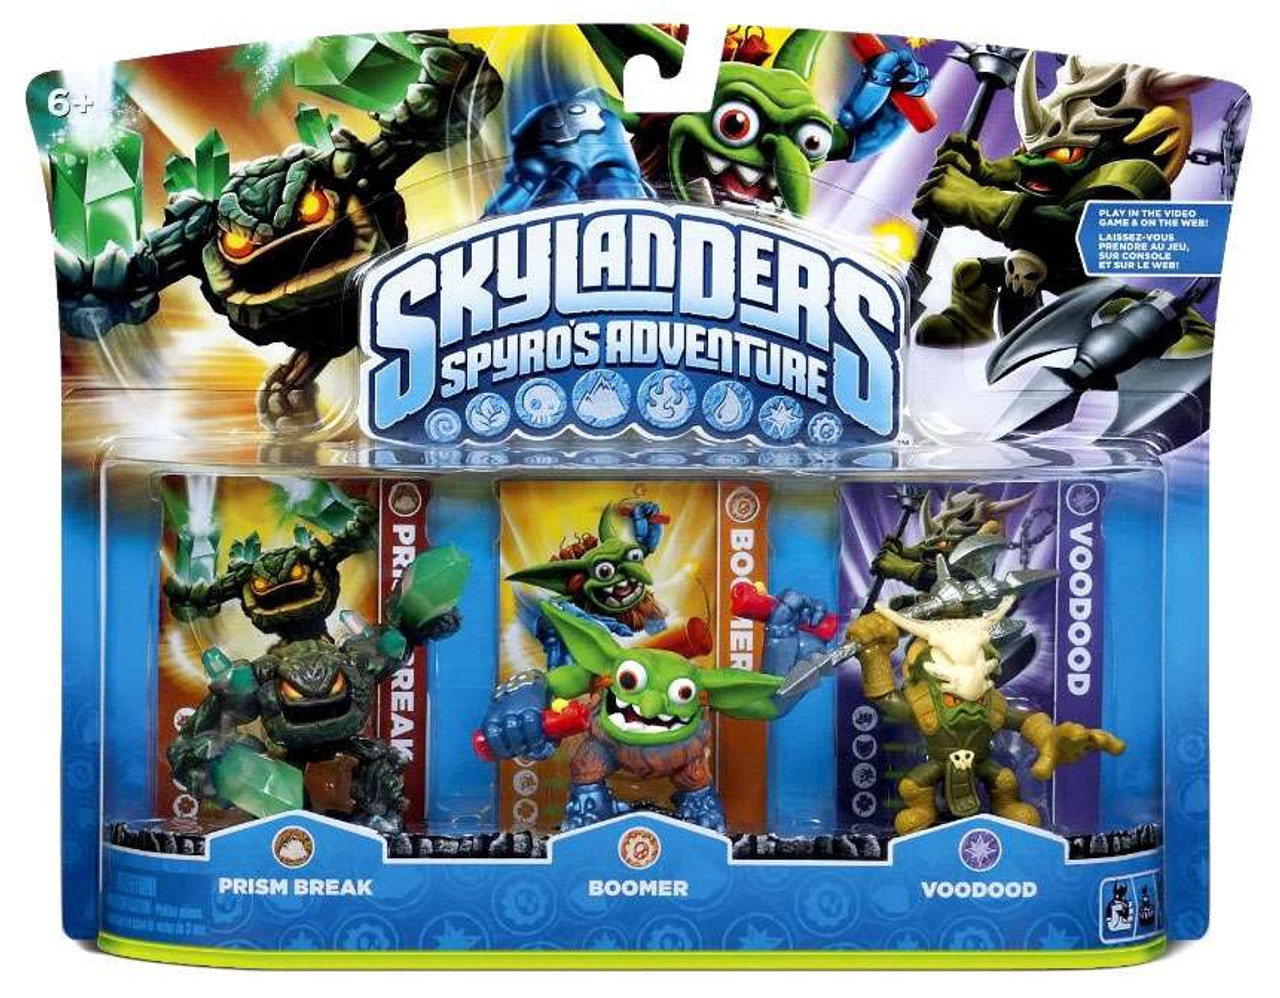 Skylanders Spyro's Adventure Prism Break, Boomer & Voodood Figure 3-Pack